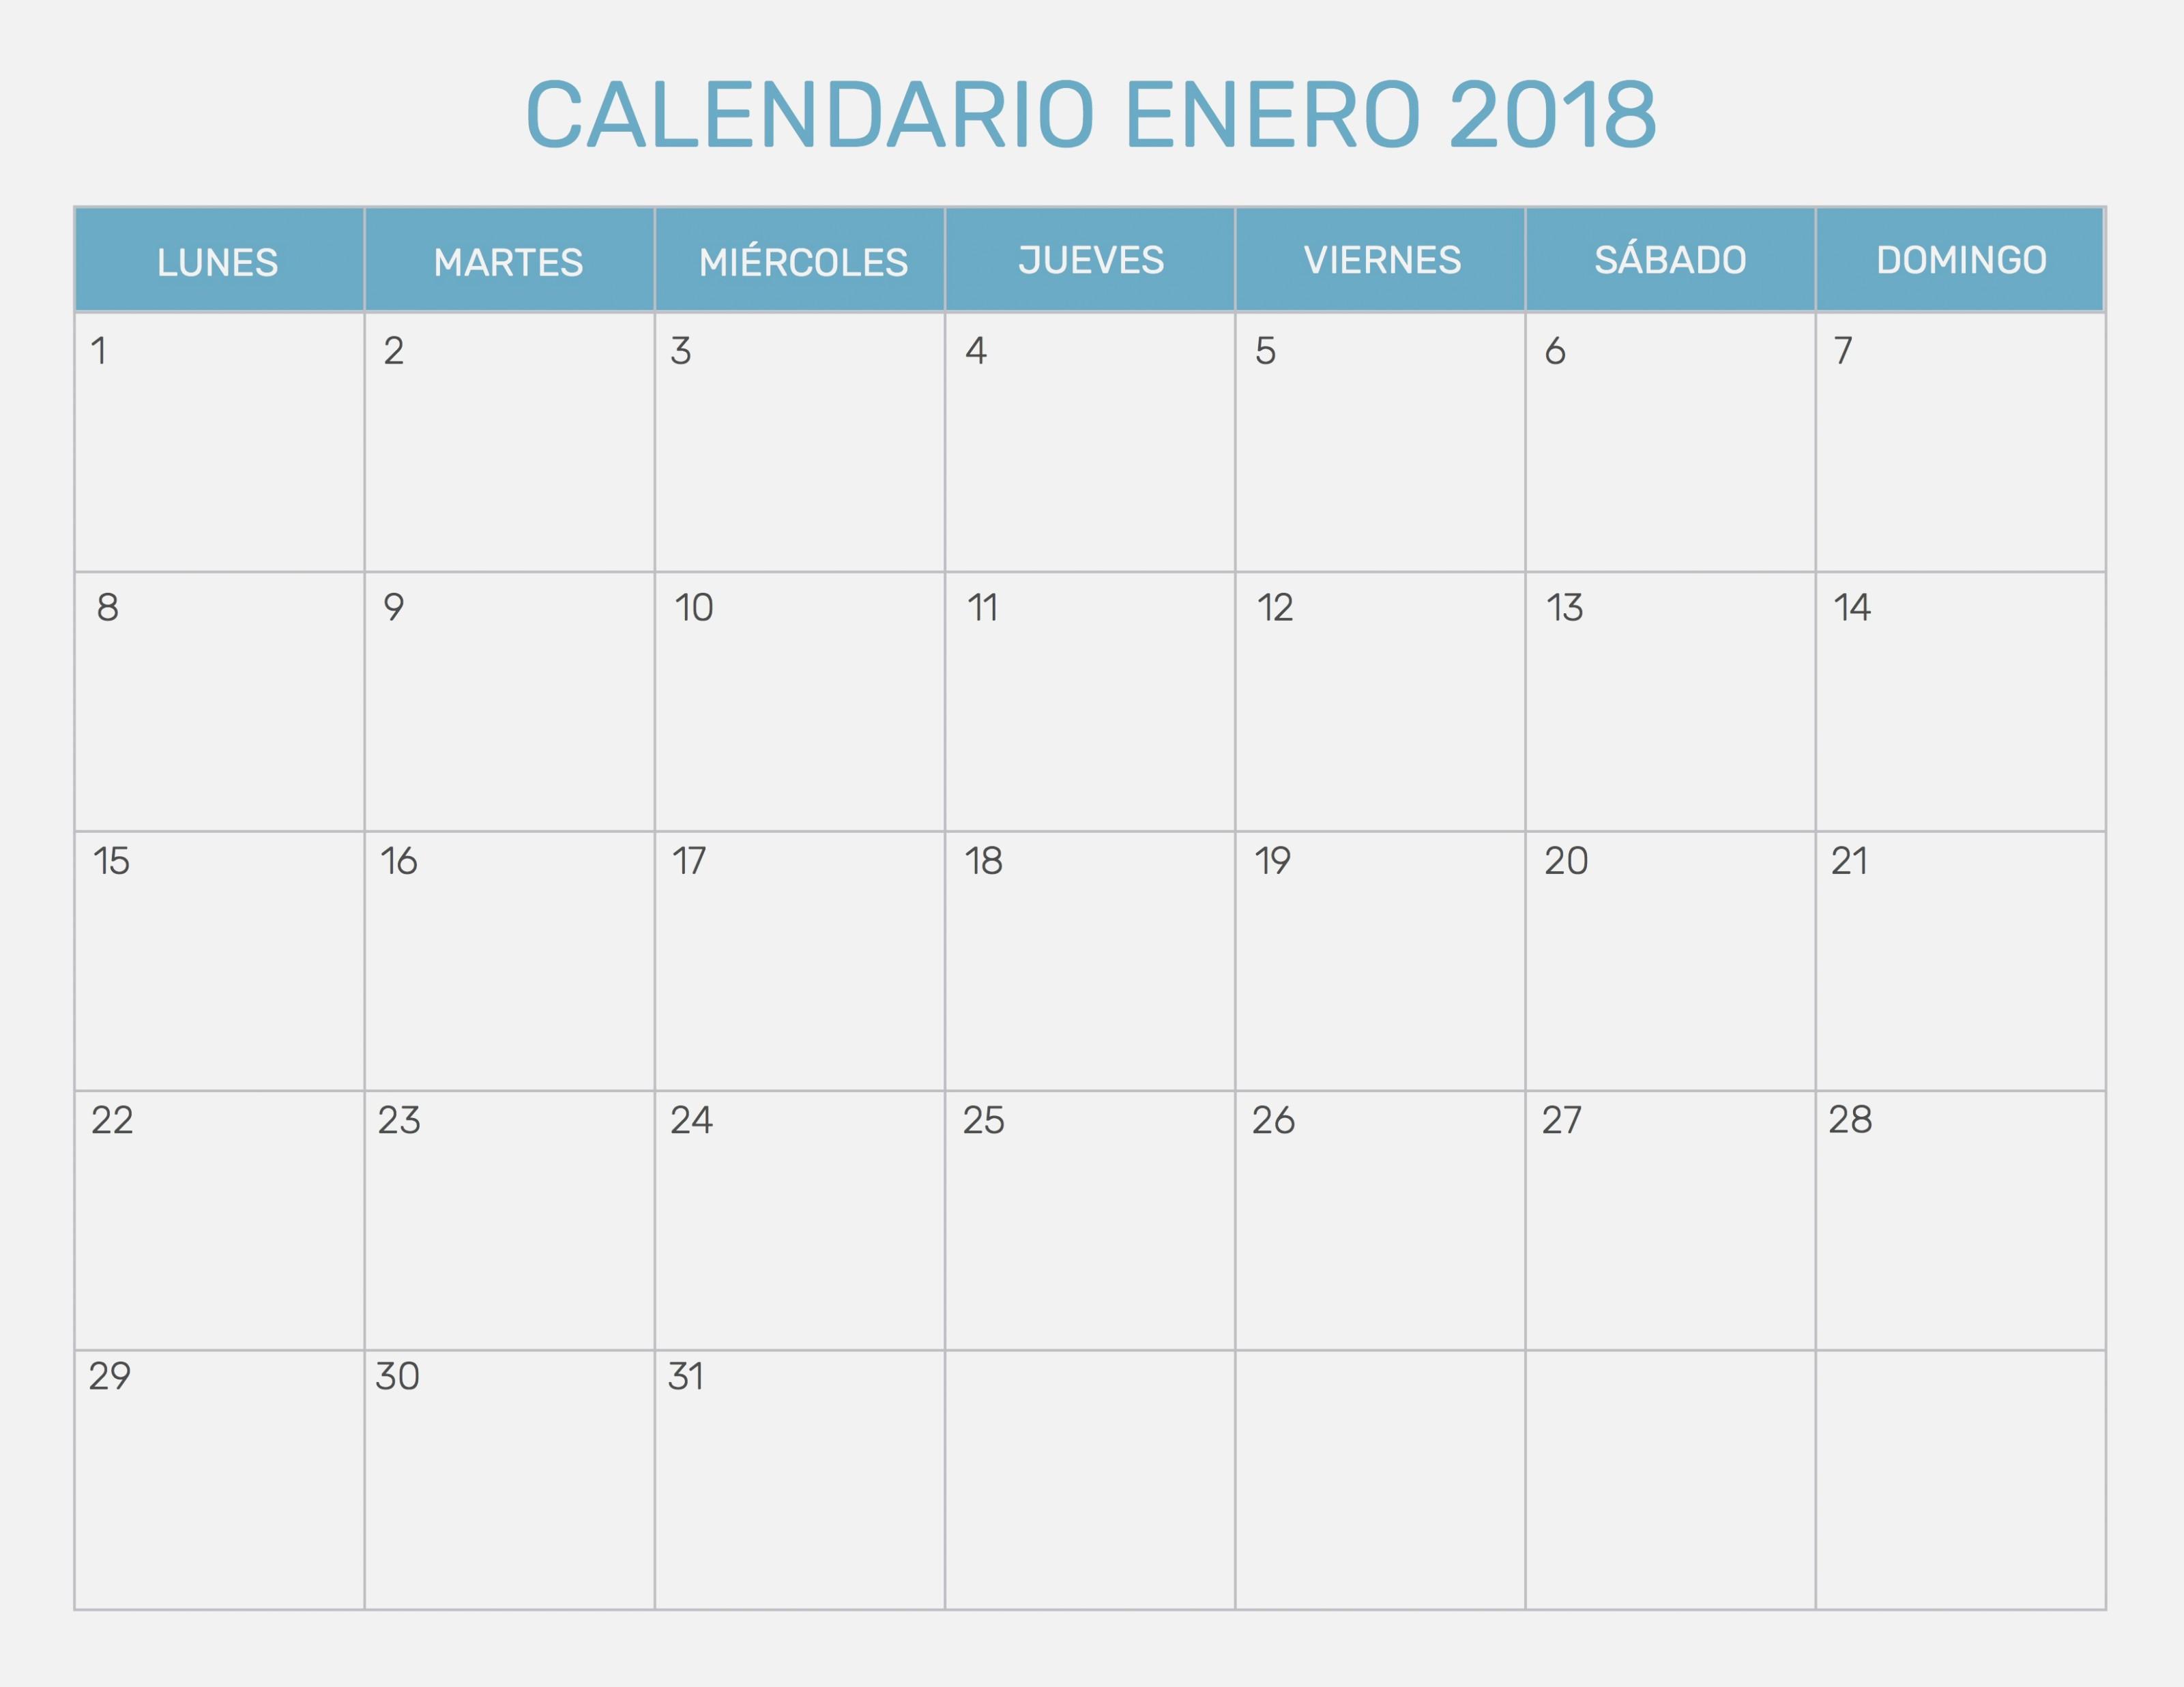 Calendario 2019 En Blanco Para Imprimir Pdf Más Arriba-a-fecha La Verdad sobre El Calendario 52 Meses Vista Está A Punto De Ser Of Calendario 2019 En Blanco Para Imprimir Pdf Mejores Y Más Novedosos formato De Calendarios Kordurorddiner